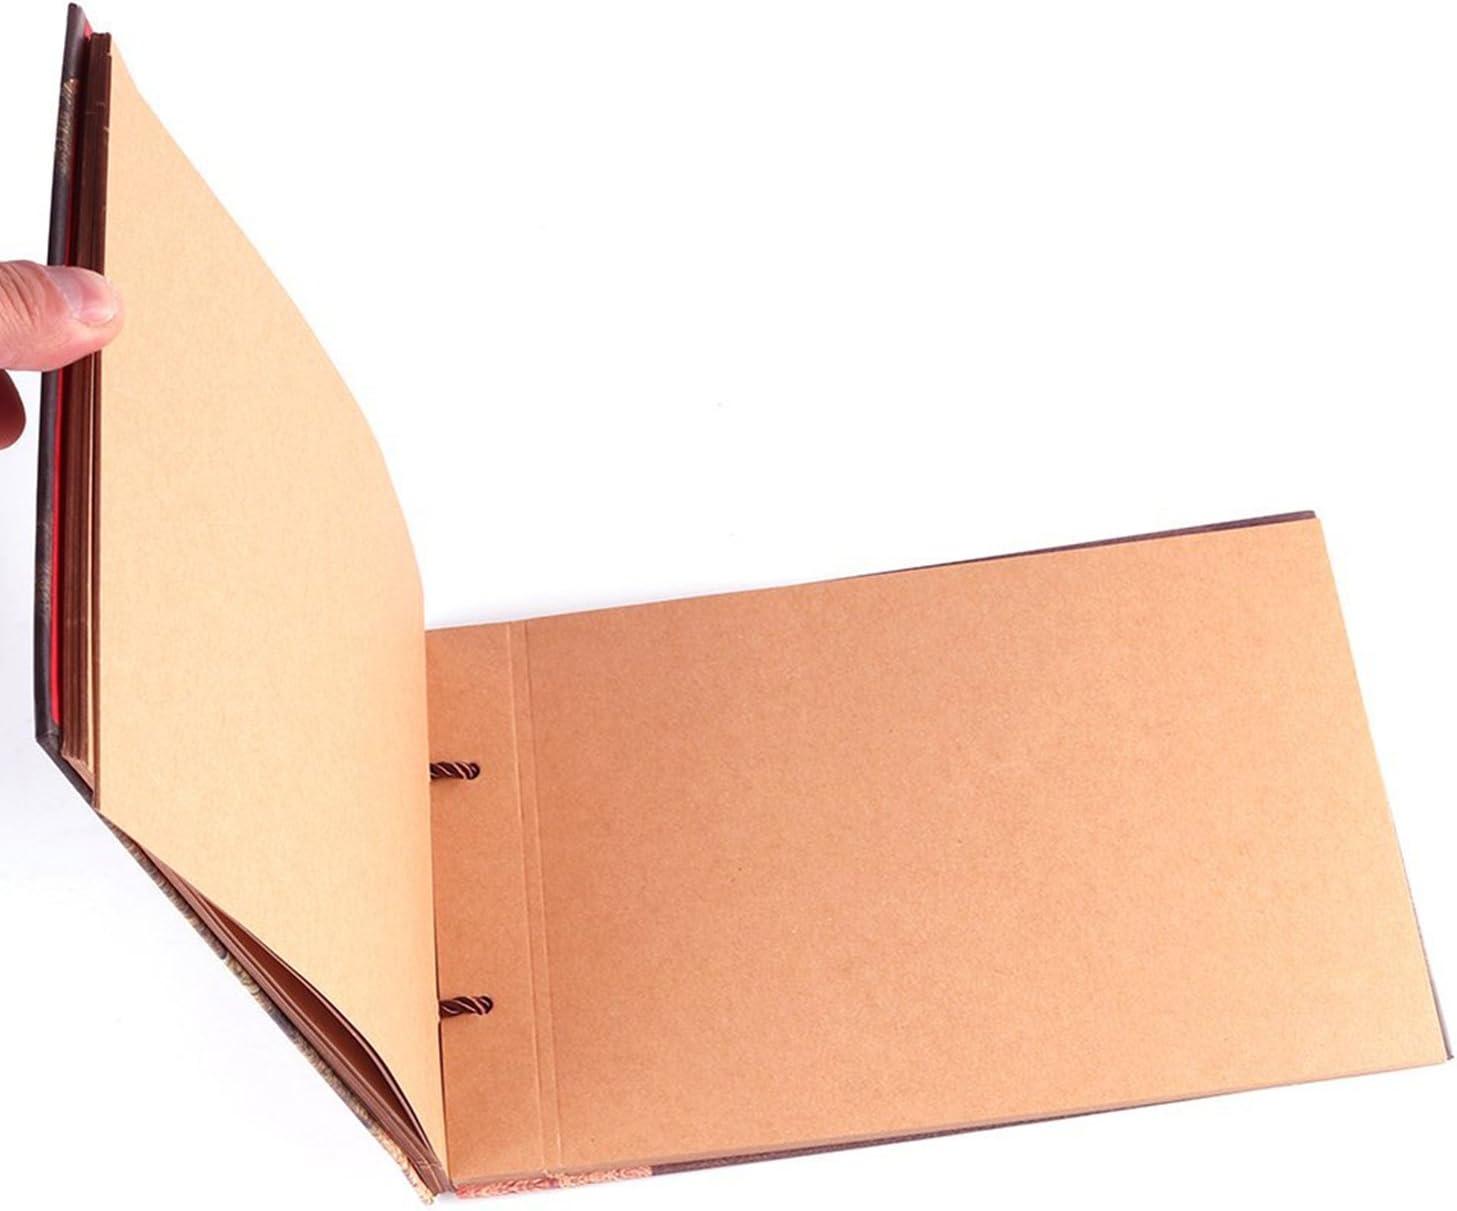 GRT Il nostro libro davventura la nuova versione aggiornata del ricamo di Hard Cover Scrapbook suede mano album DIY per compleanni matrimoni anniversari di Regali di Natale Accessori gratuiti